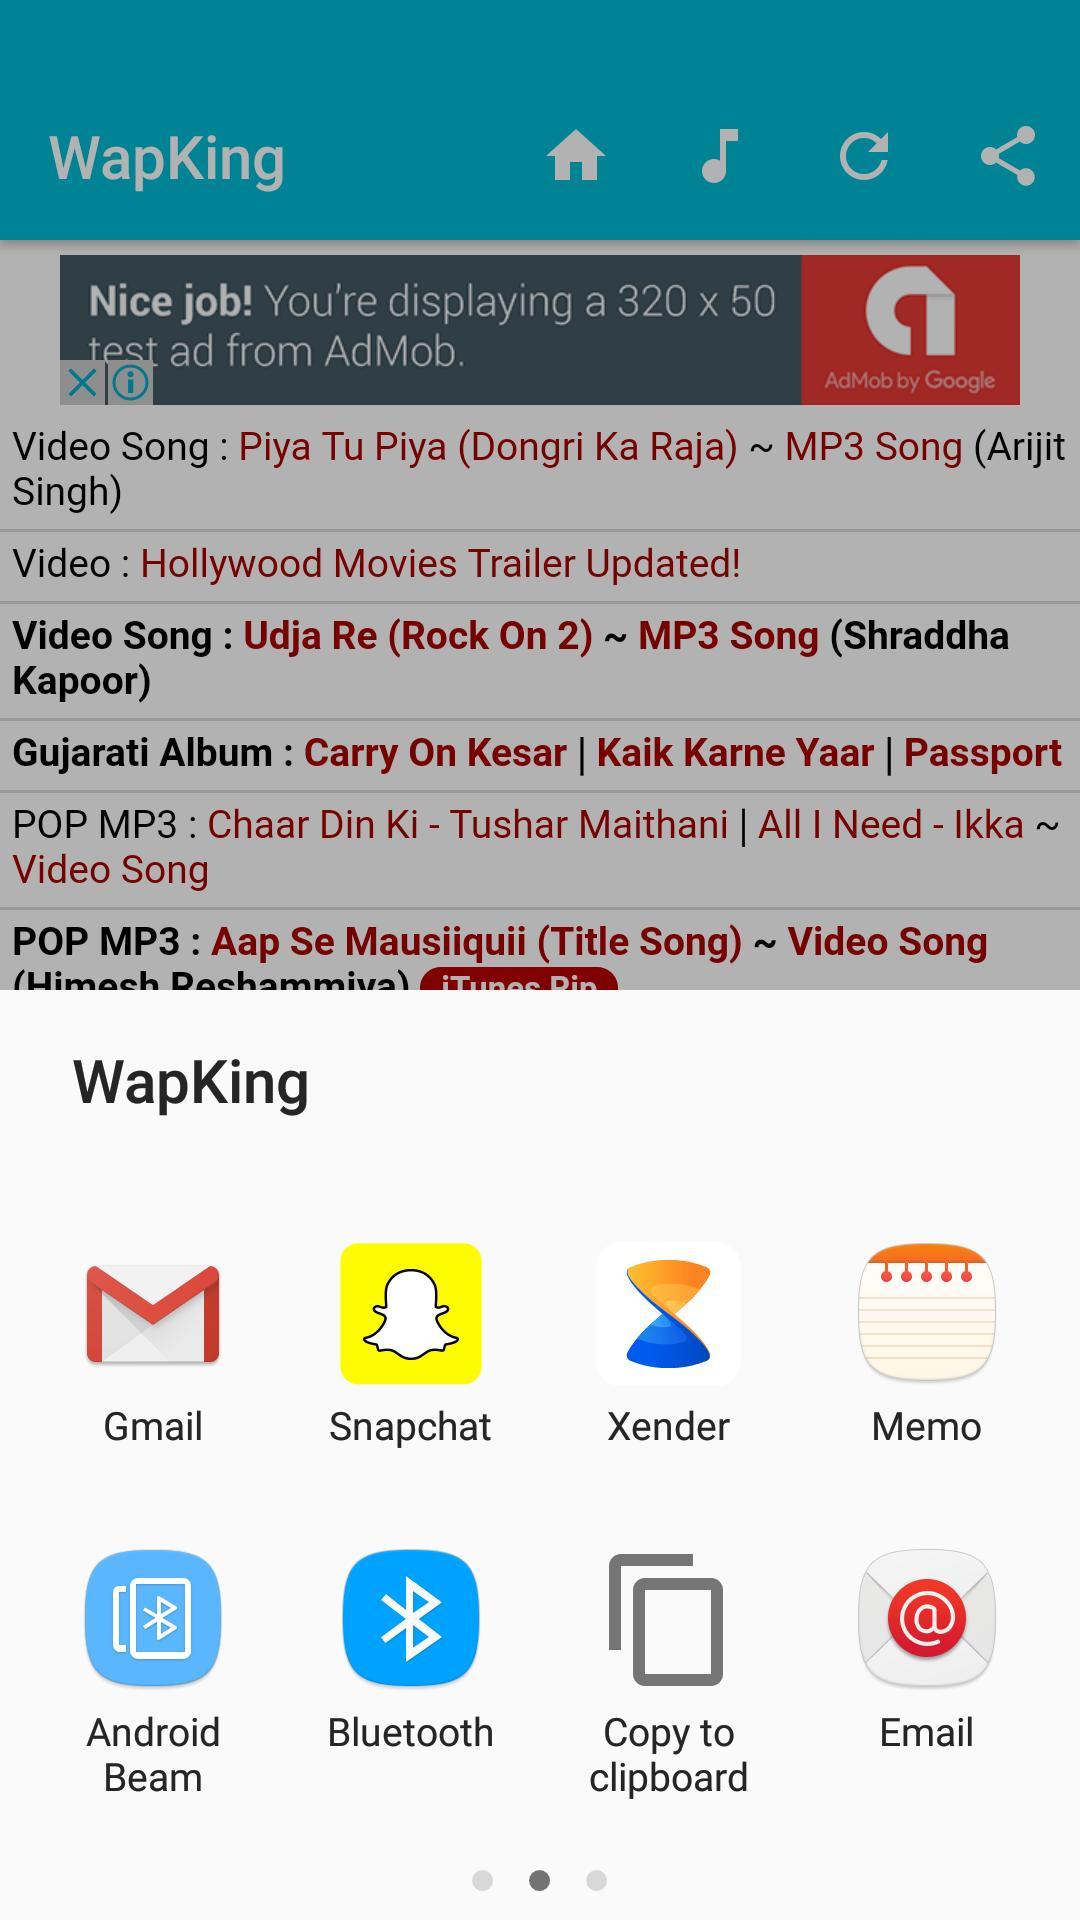 wapking loft new mp3 songs